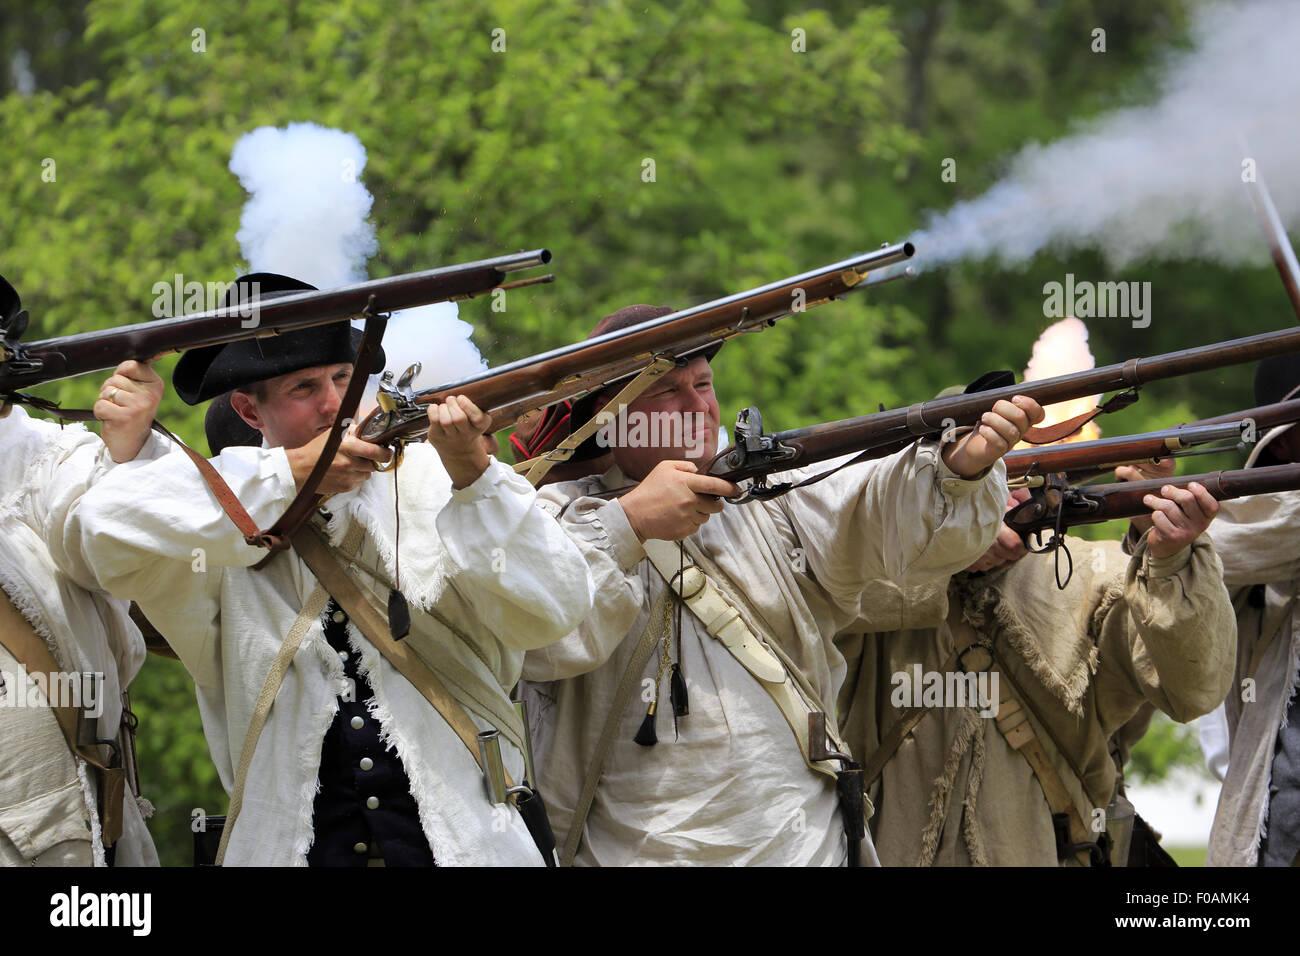 Musket firing at Revolutionary War reenactment at Jockey